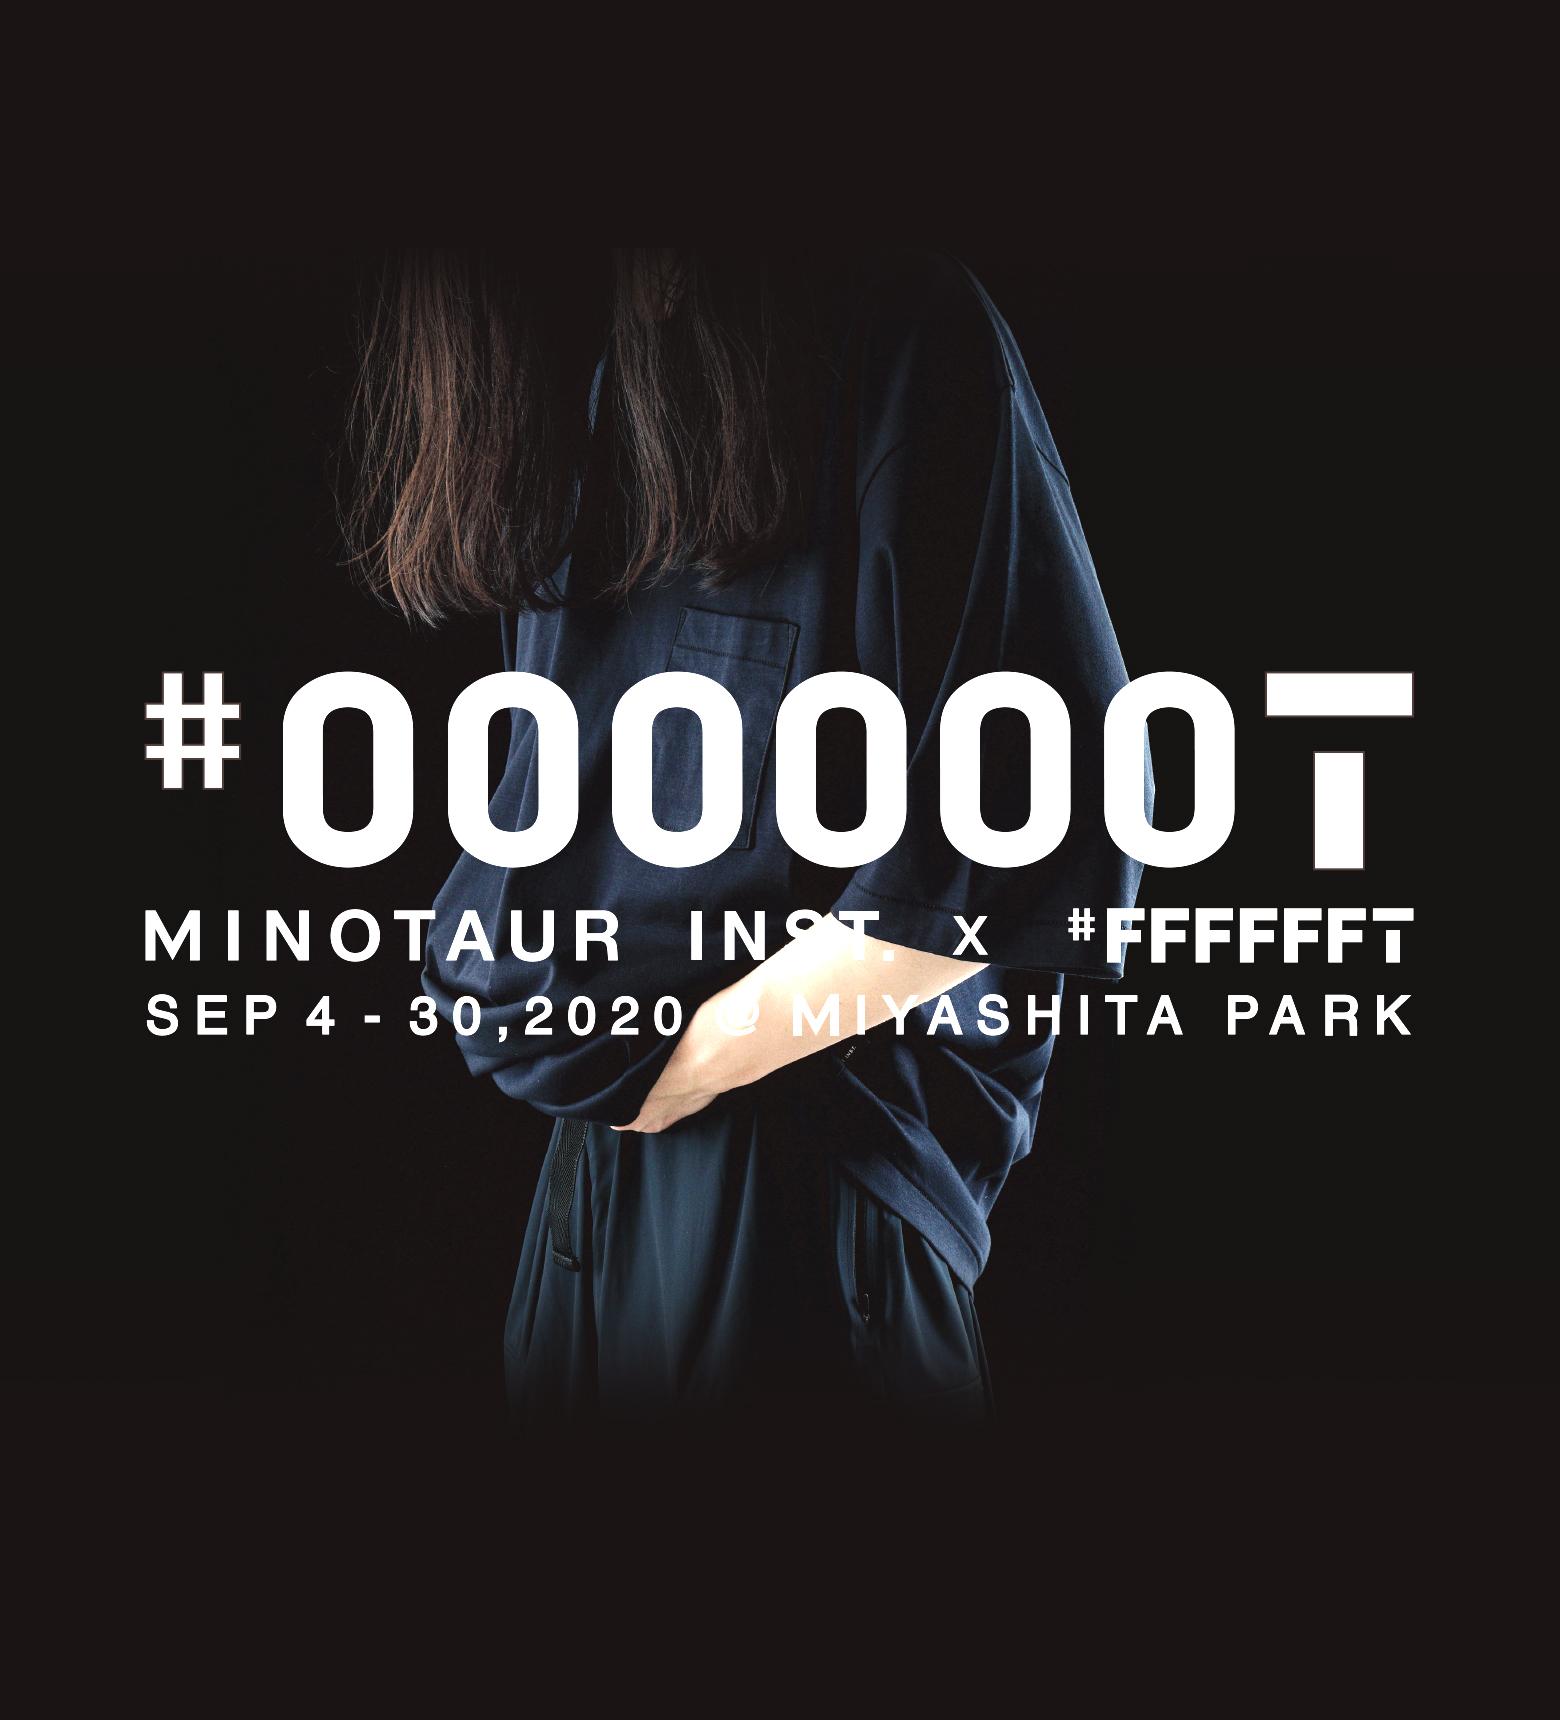 MINOTAUR INST. × #FFFFFFT黒T専門店『#000000T』